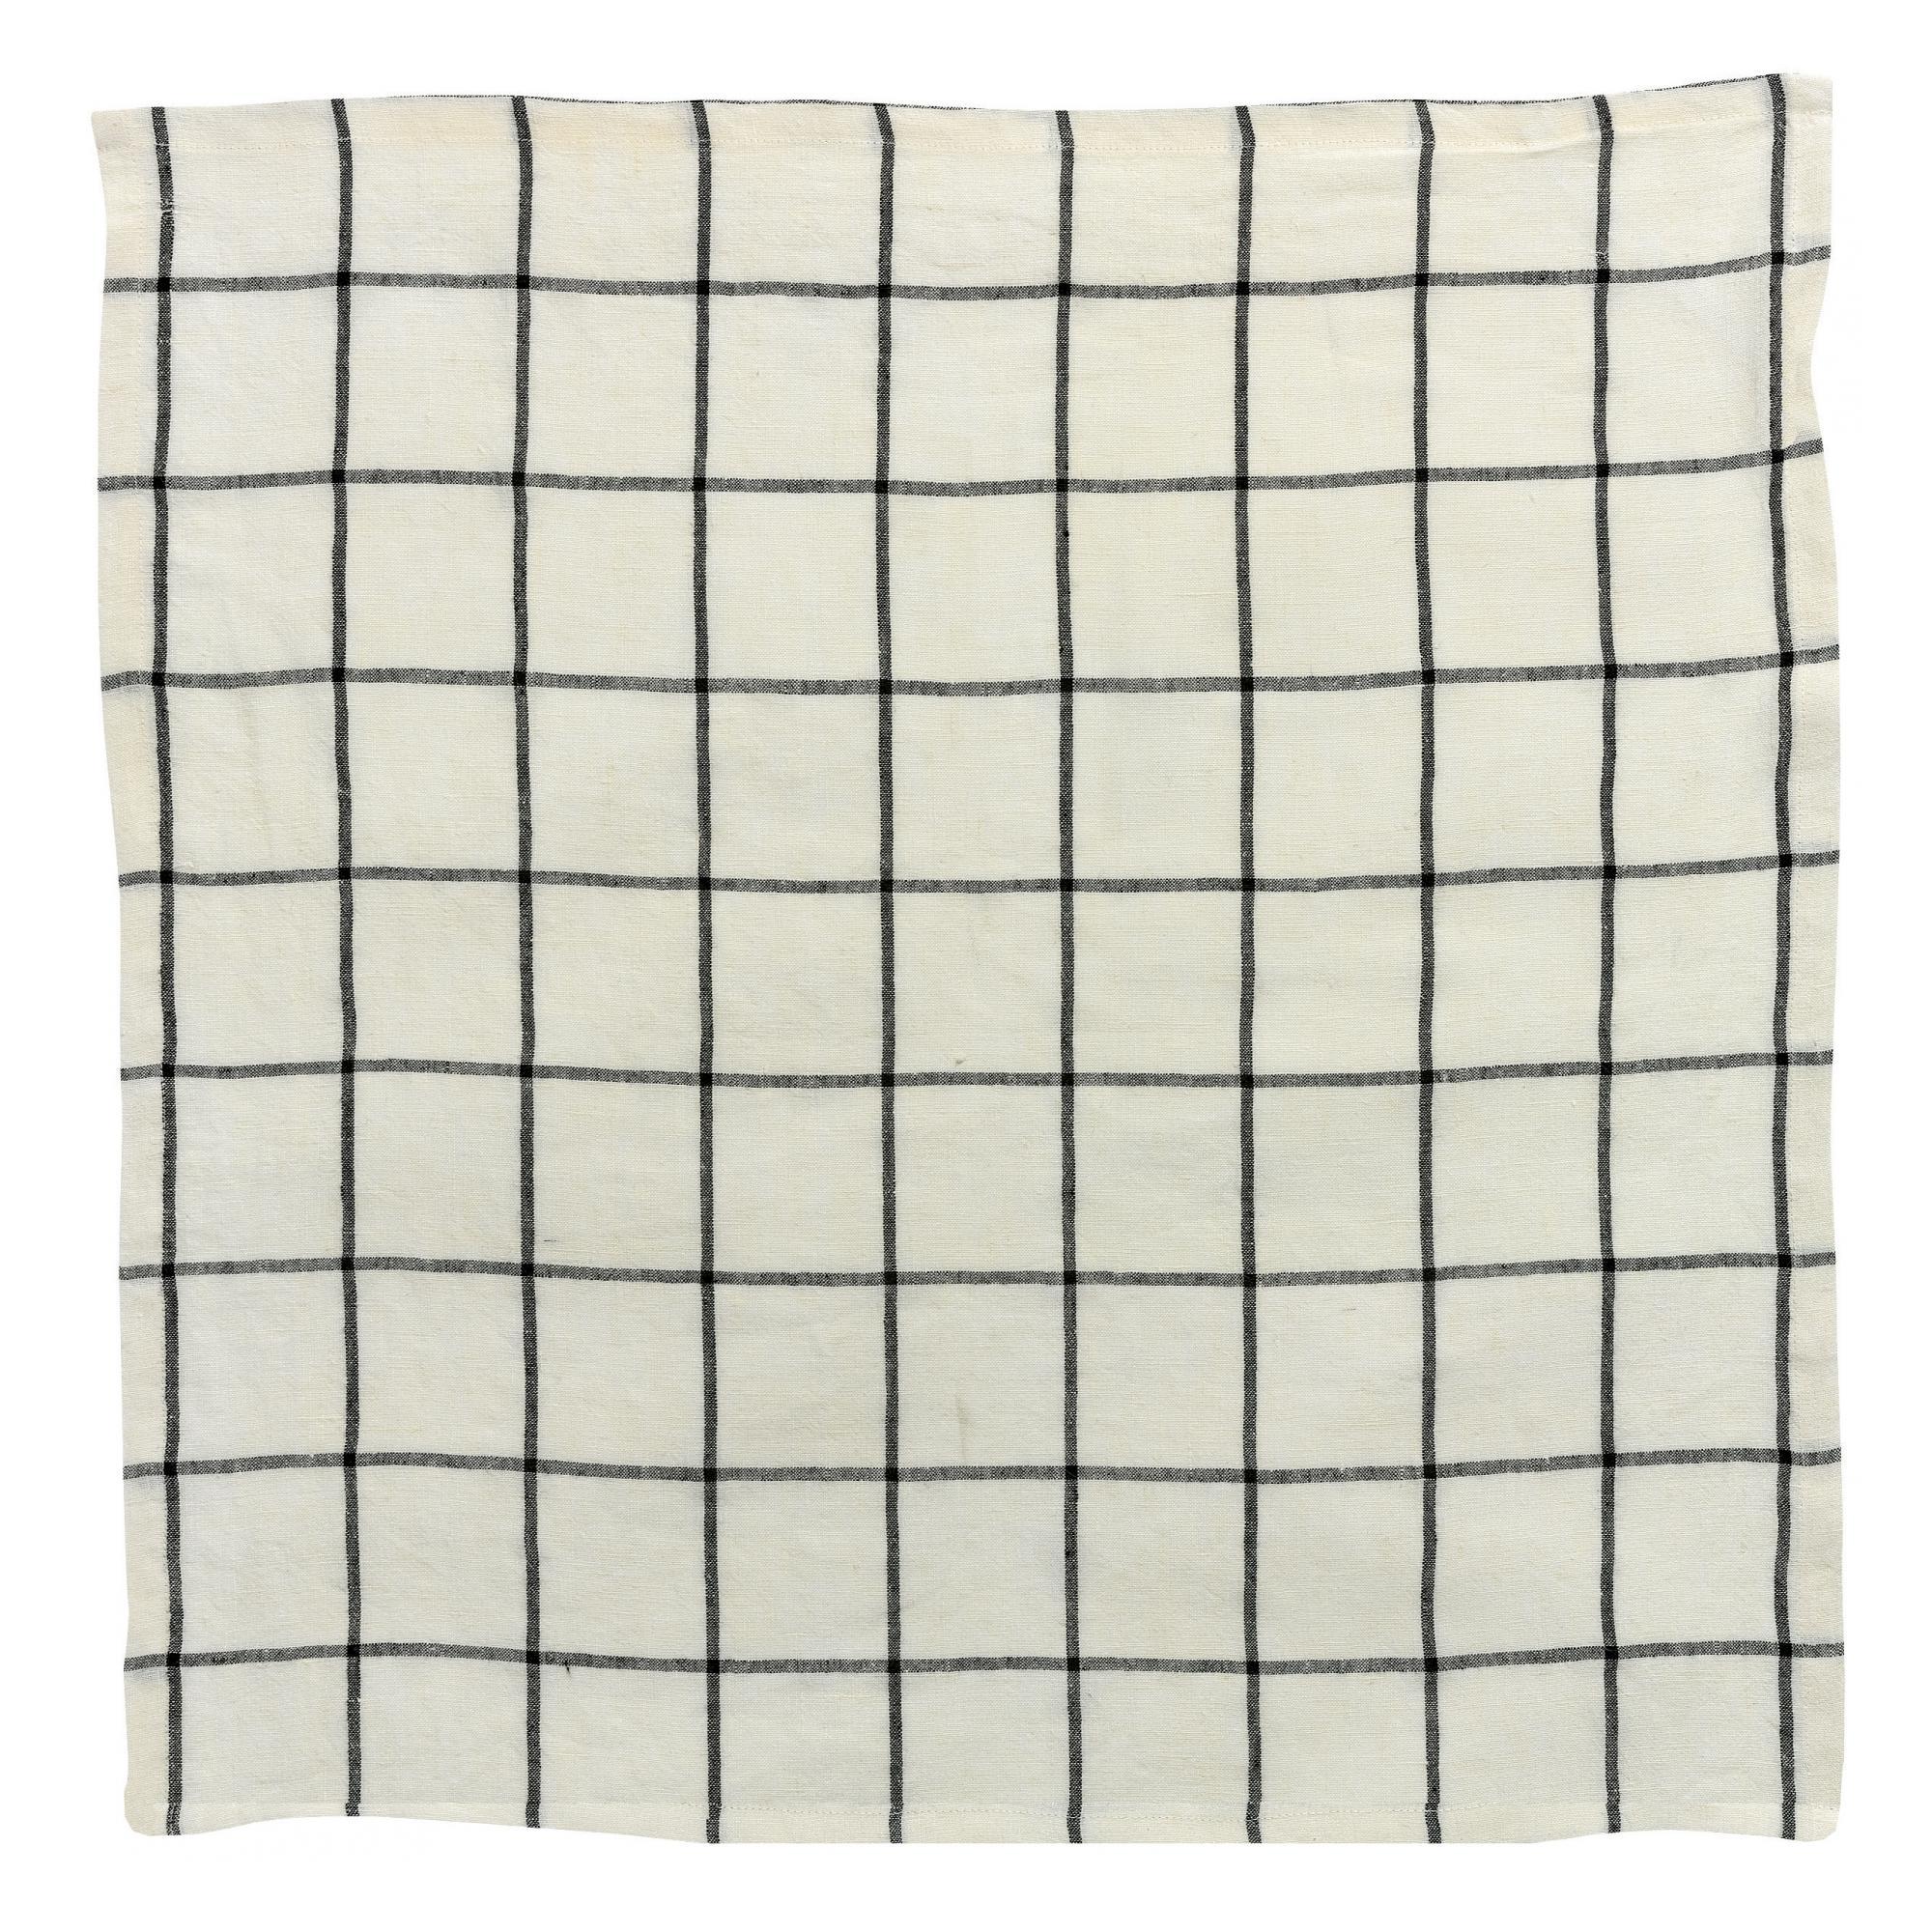 Serviette de table carreaux en lin ecru/noir 50 x 50